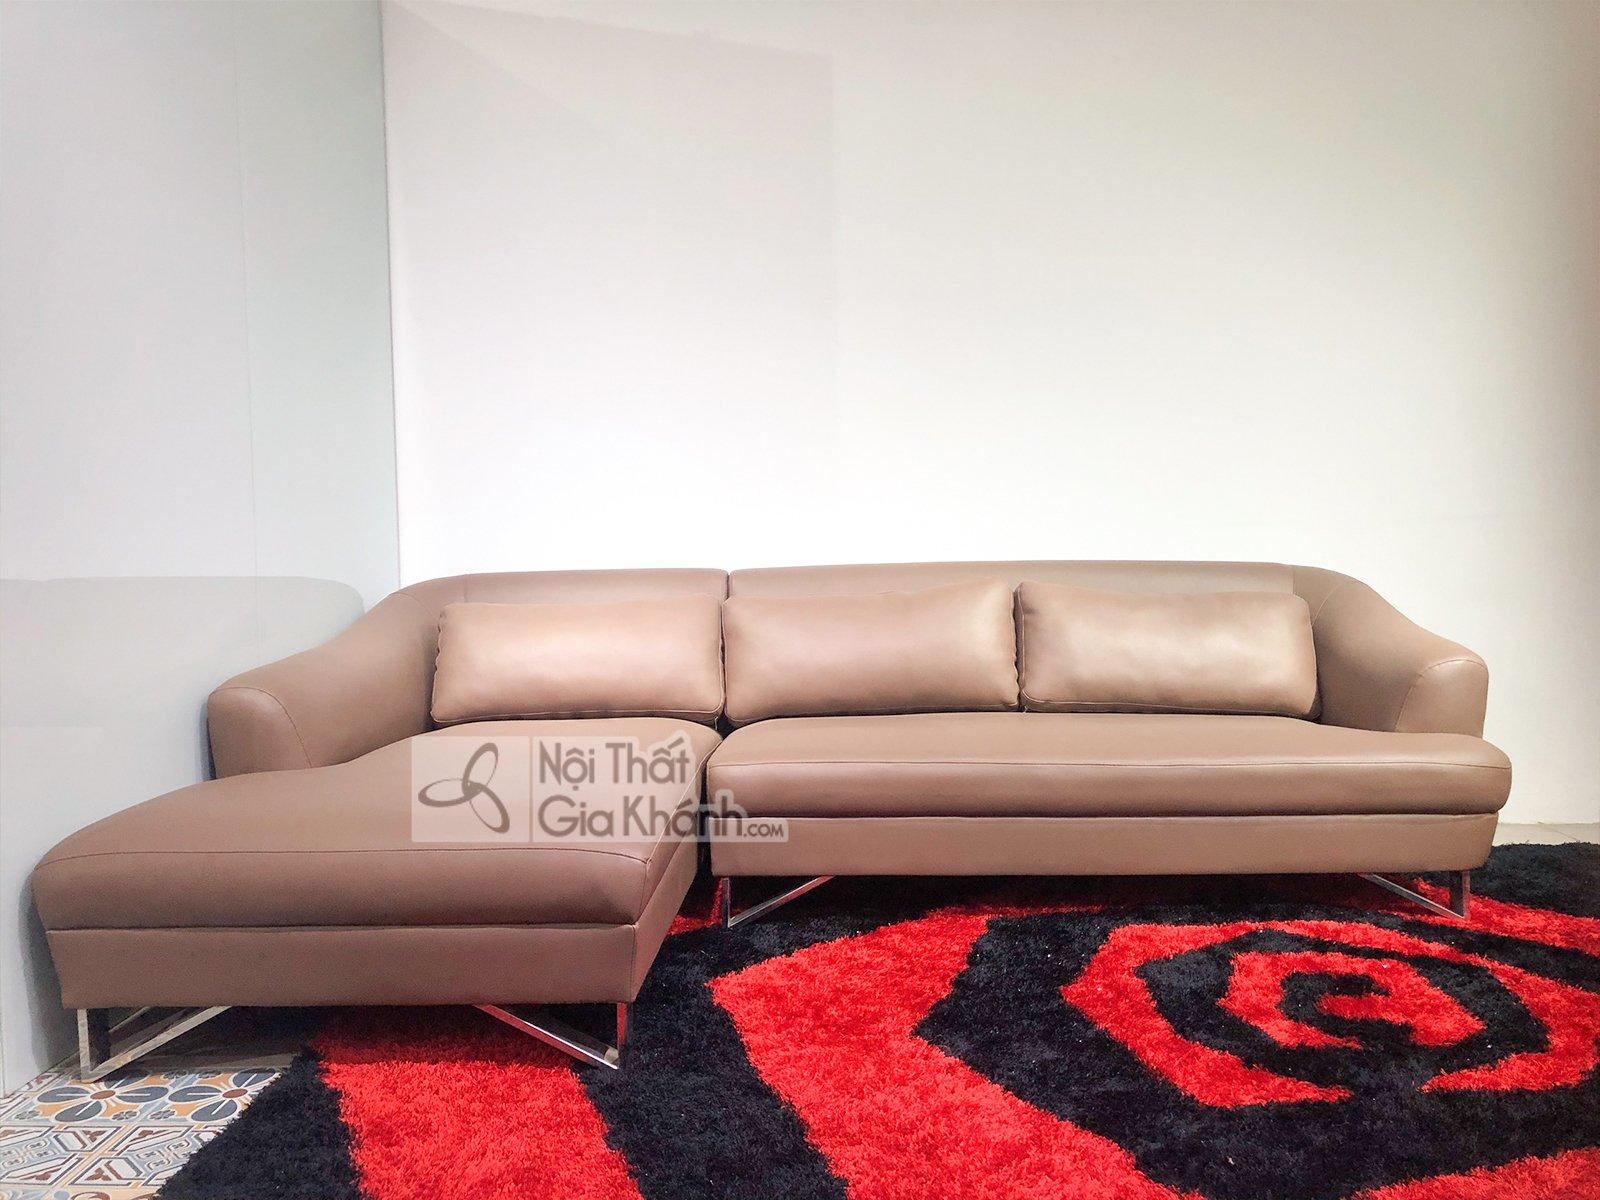 Sofa Da Hiện Đại 2 Băng Góc Phải  Sp1607-2-I1